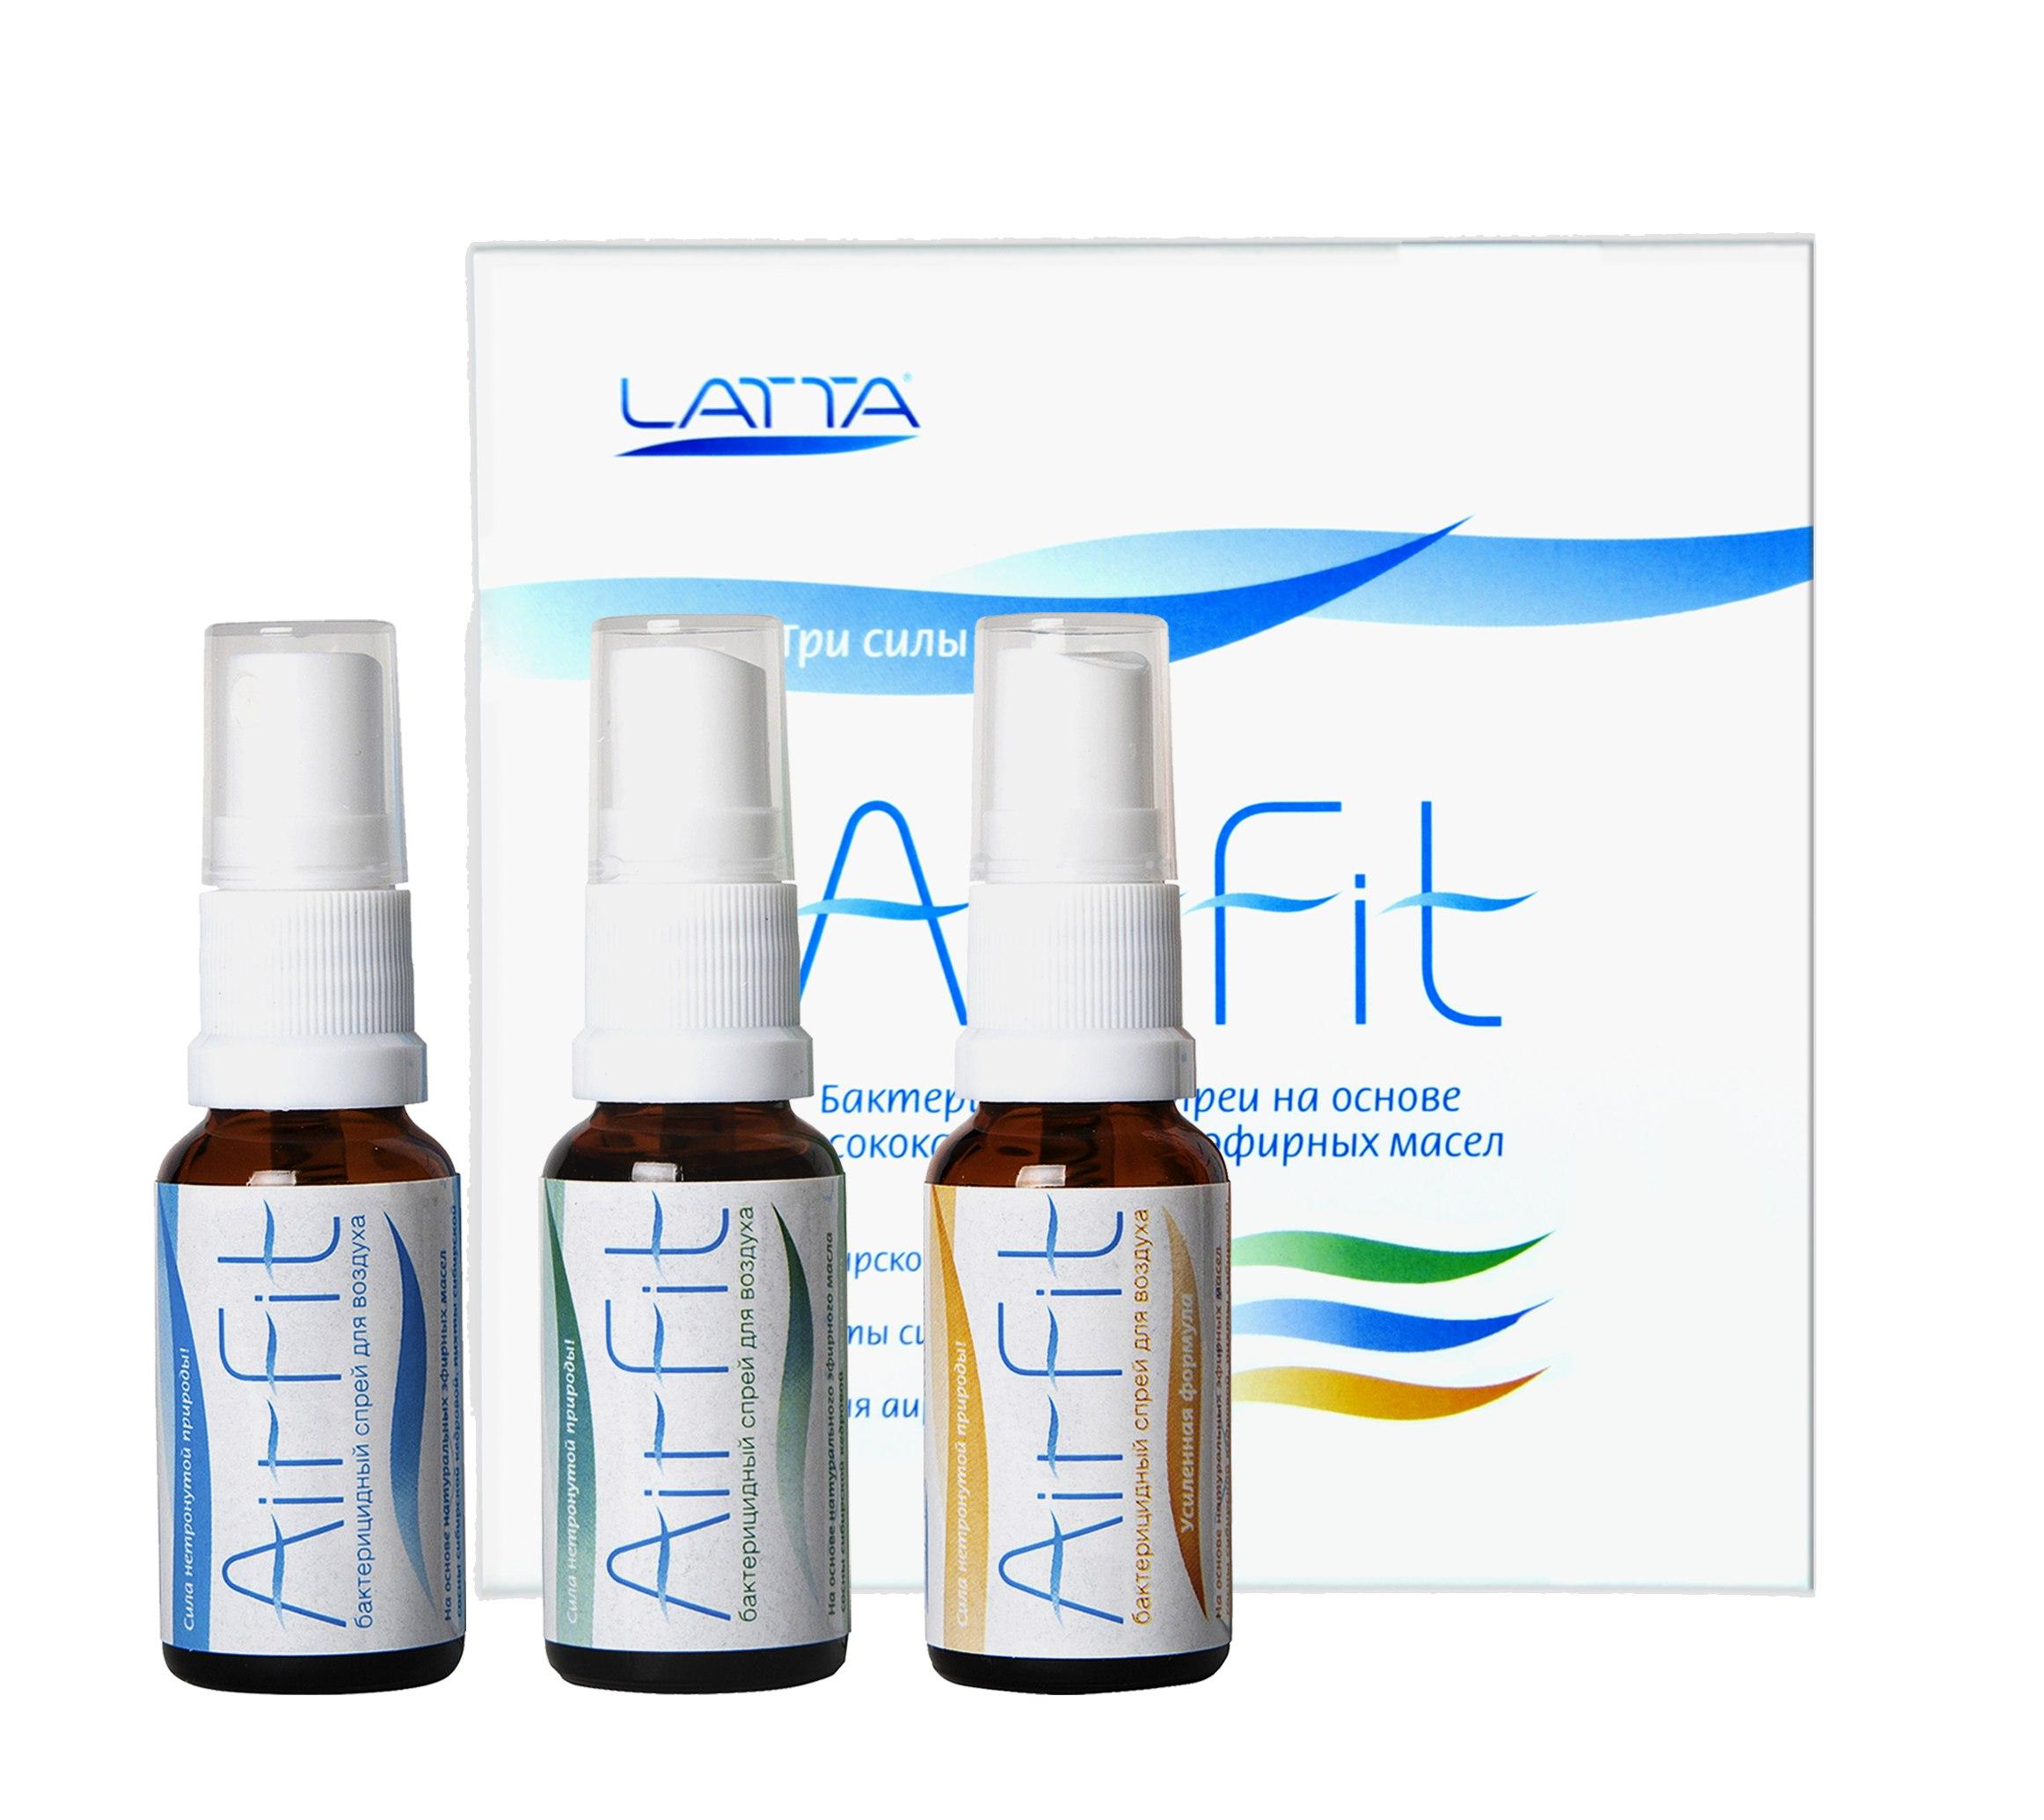 Airfit бактерицидный спрей отзывы